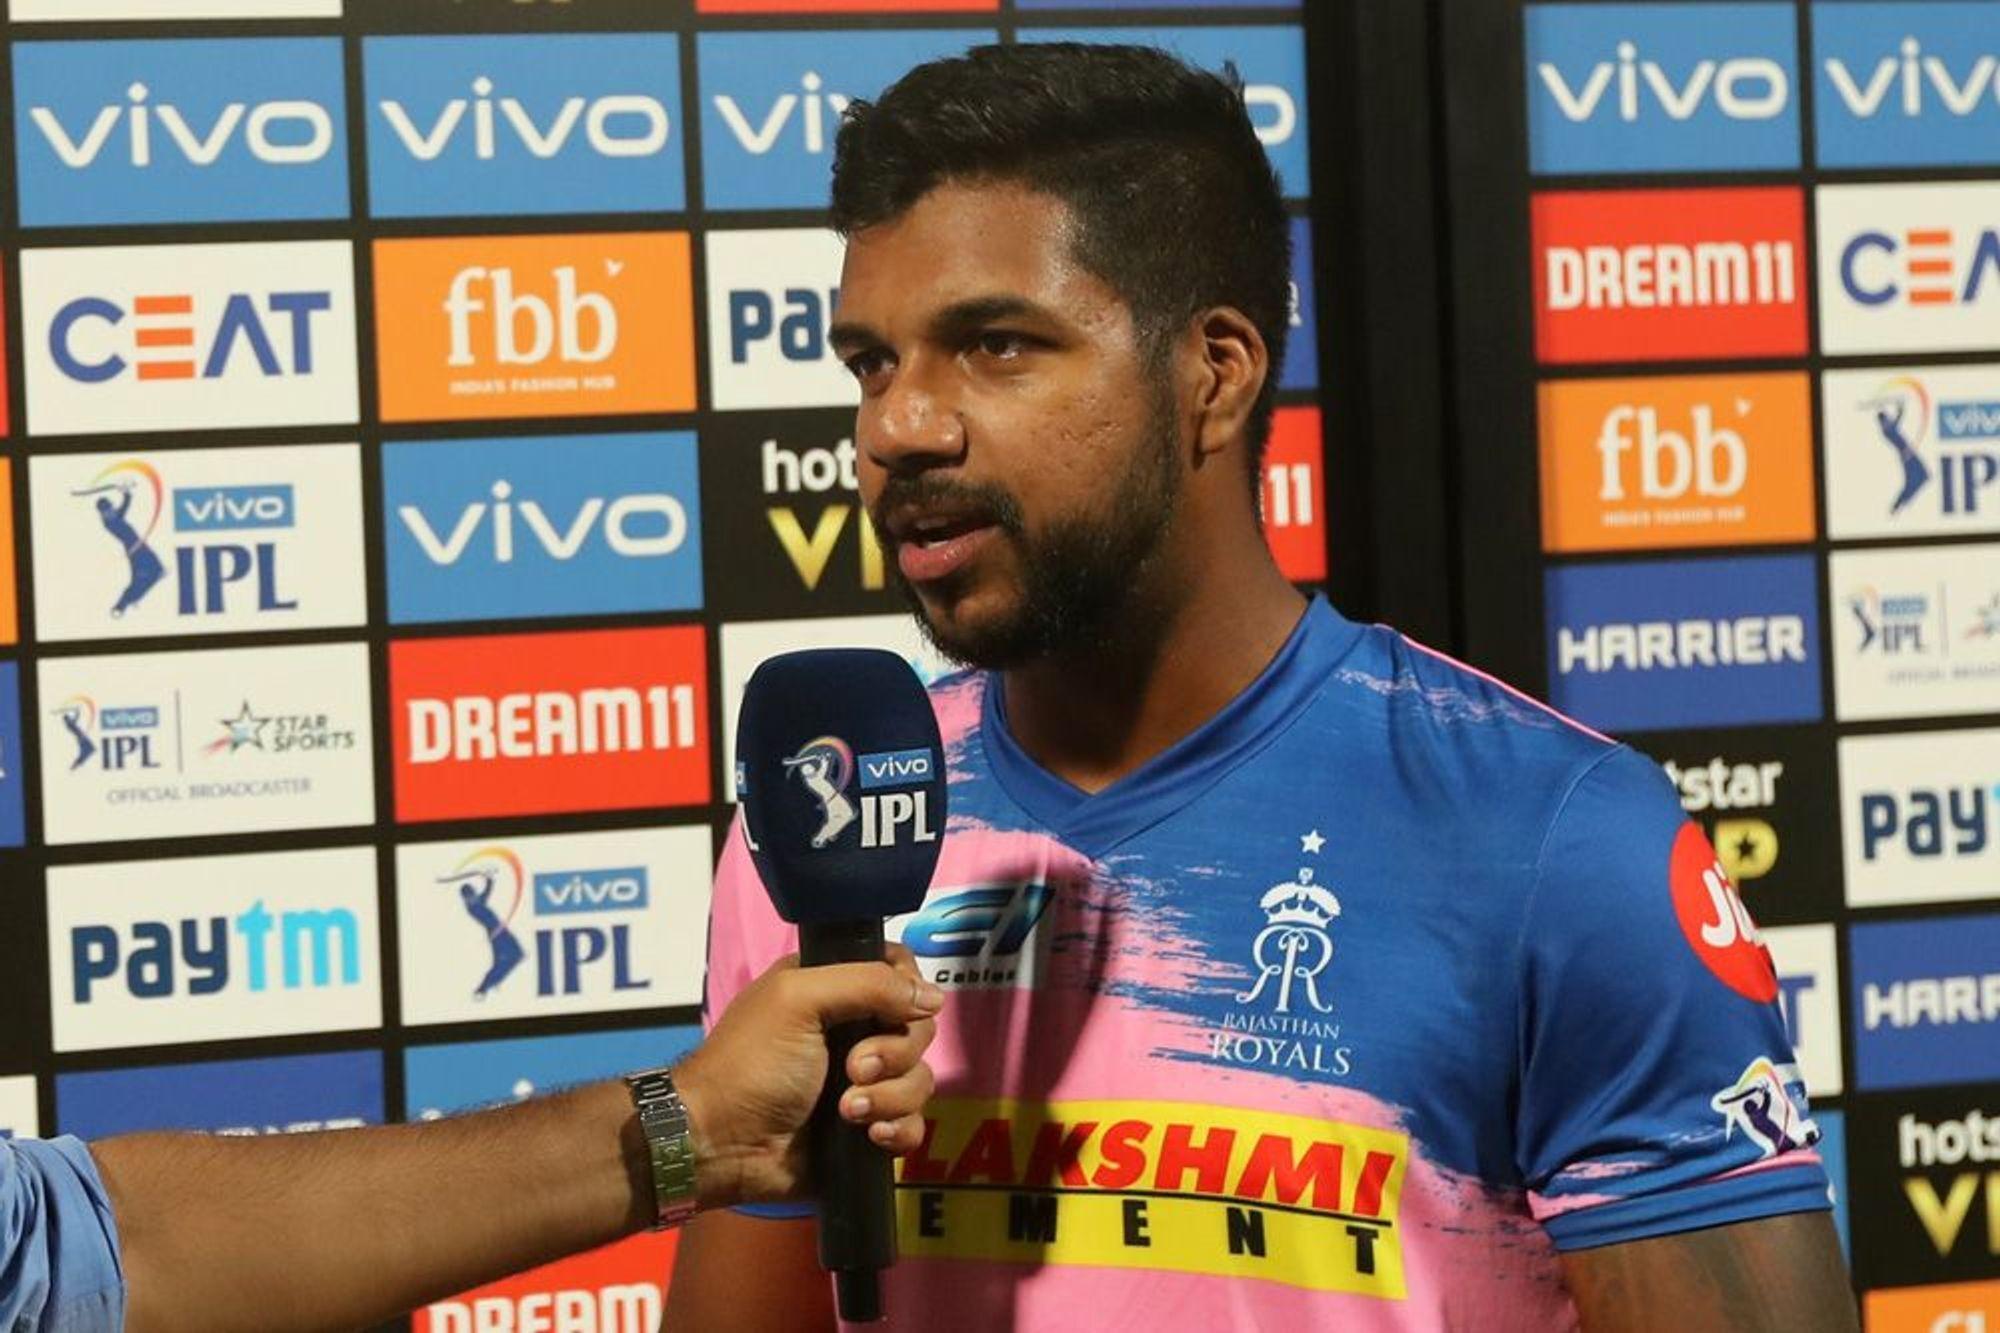 'मैन ऑफ़ द मैच' लेते हुए वरुण आरोन ने अपनी टीम के ही साथी खिलाड़ी अजिंक्य रहाणे को सूना दी खरी-खोटी 1